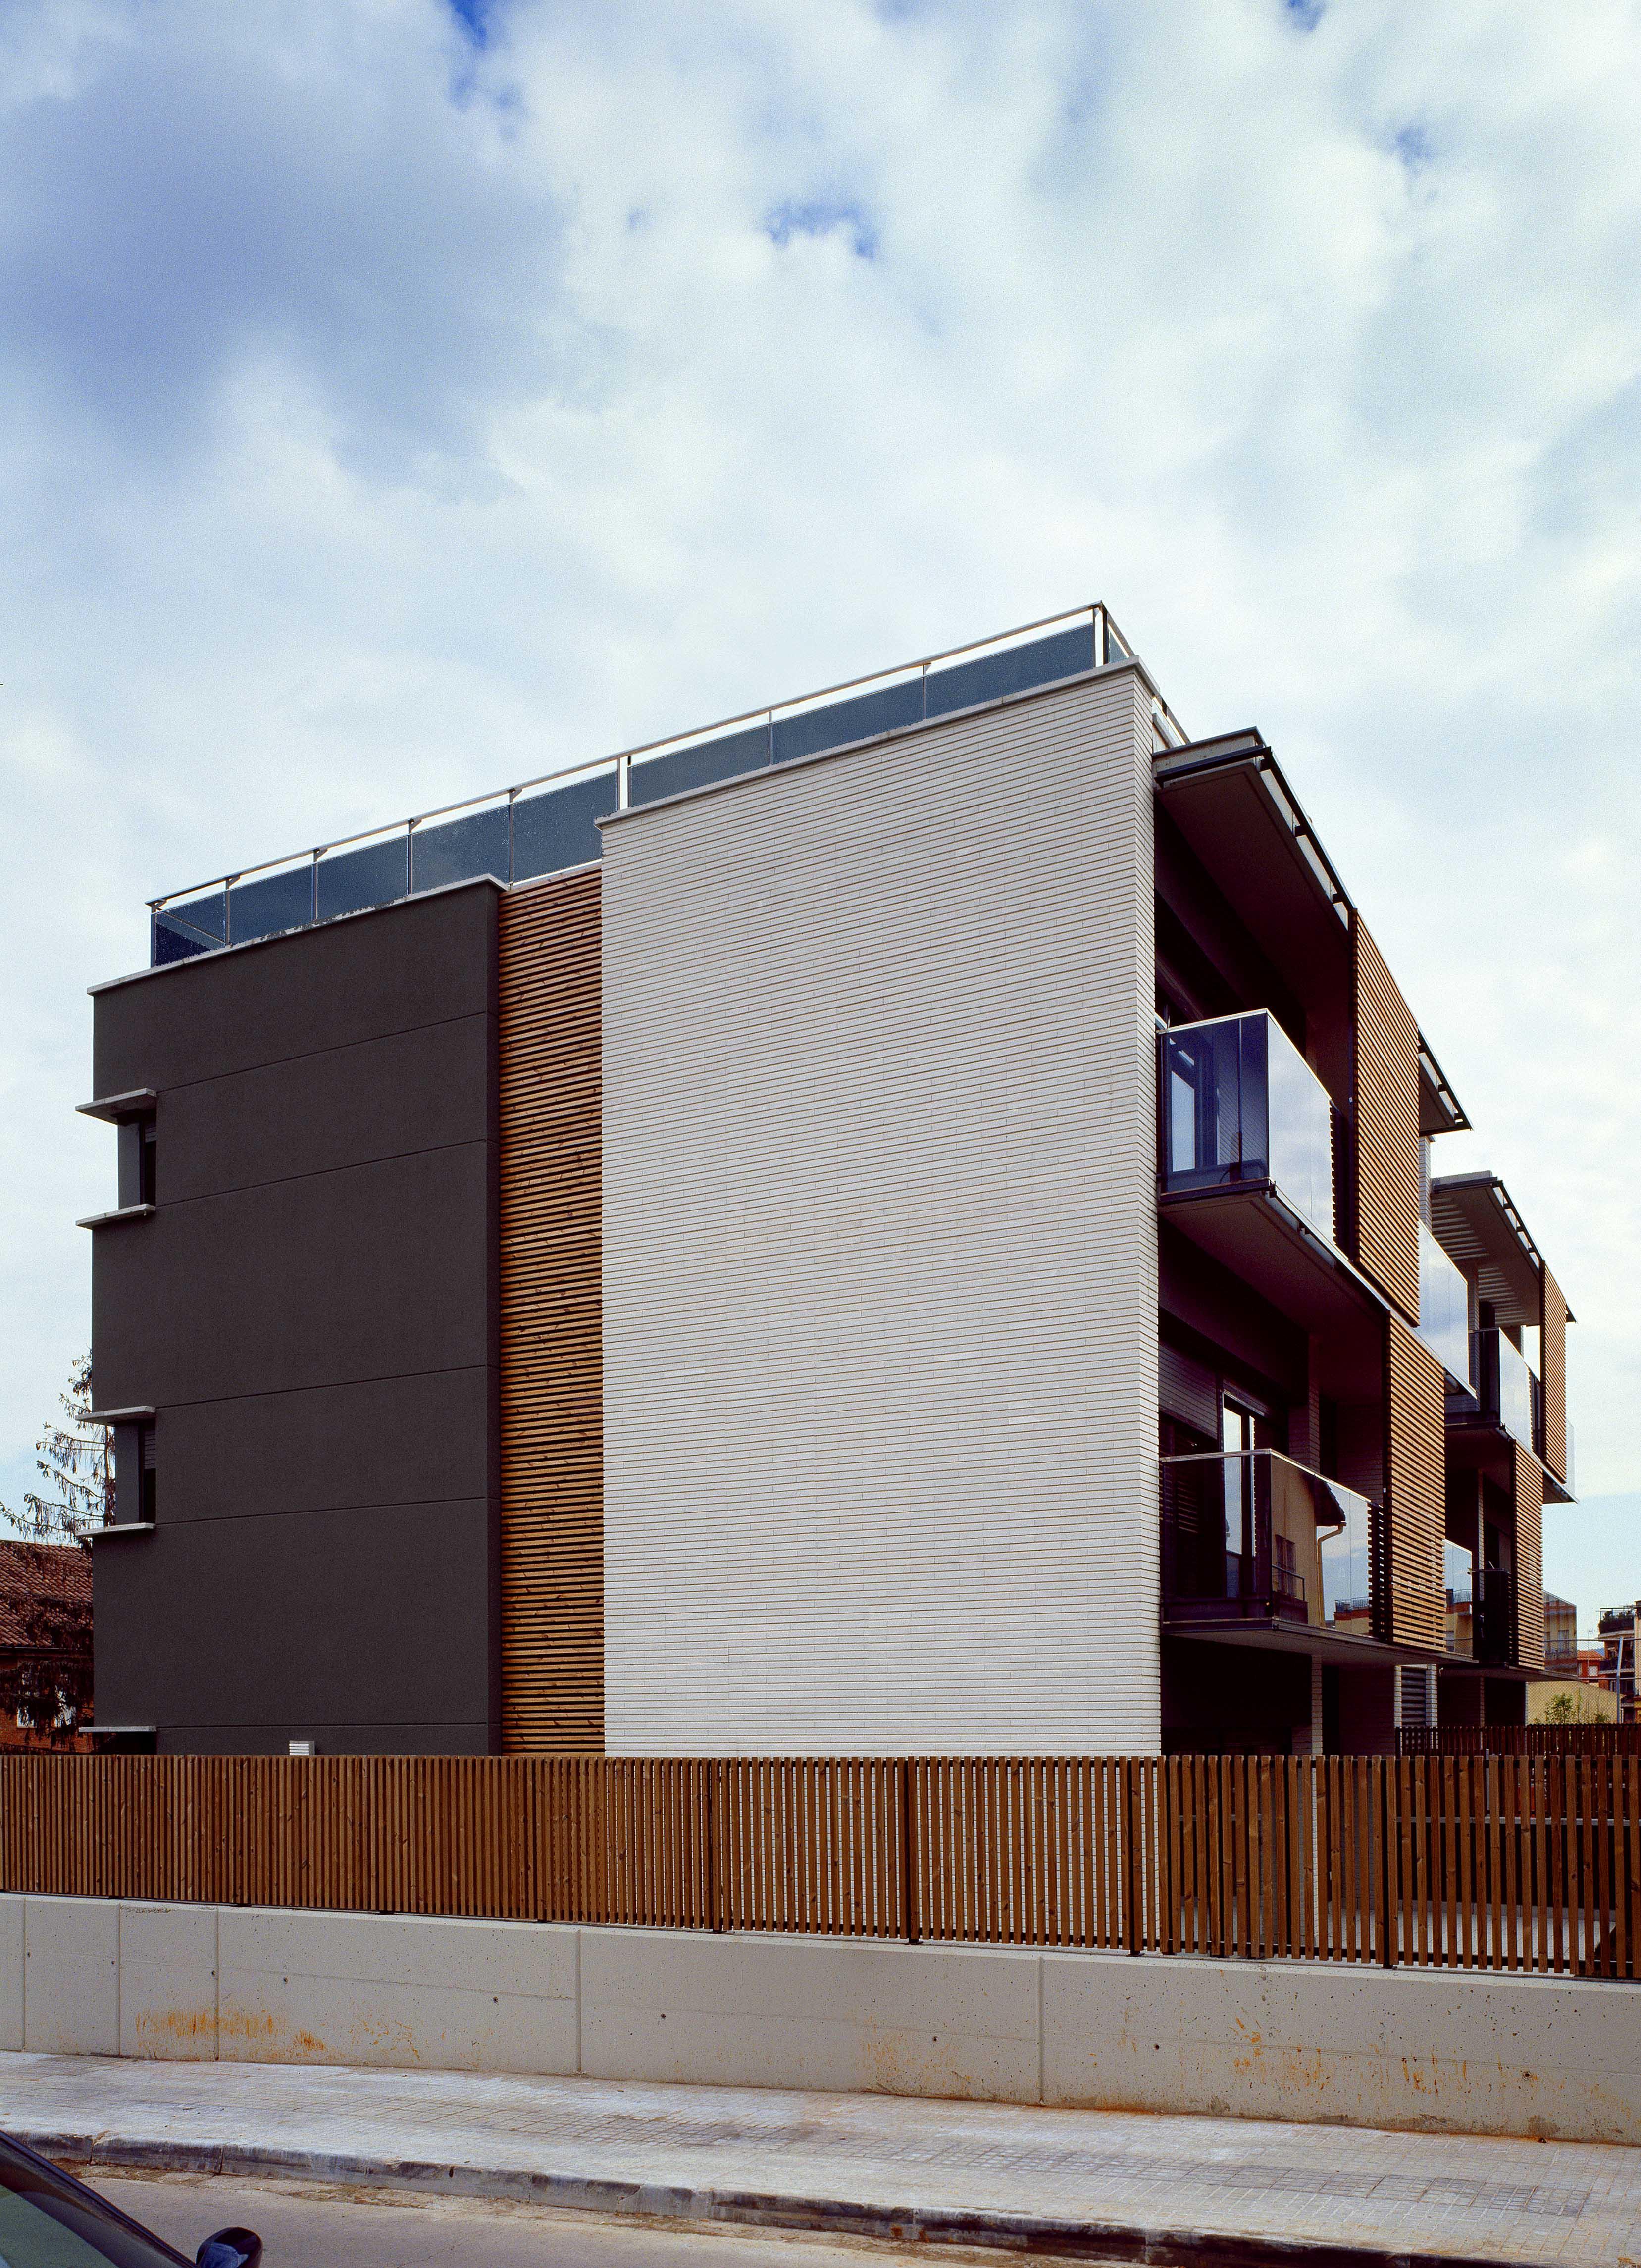 Edificio Plurifamiliar de 5 viviendas, aparcamiento y piscina | Sant Cugat 2007